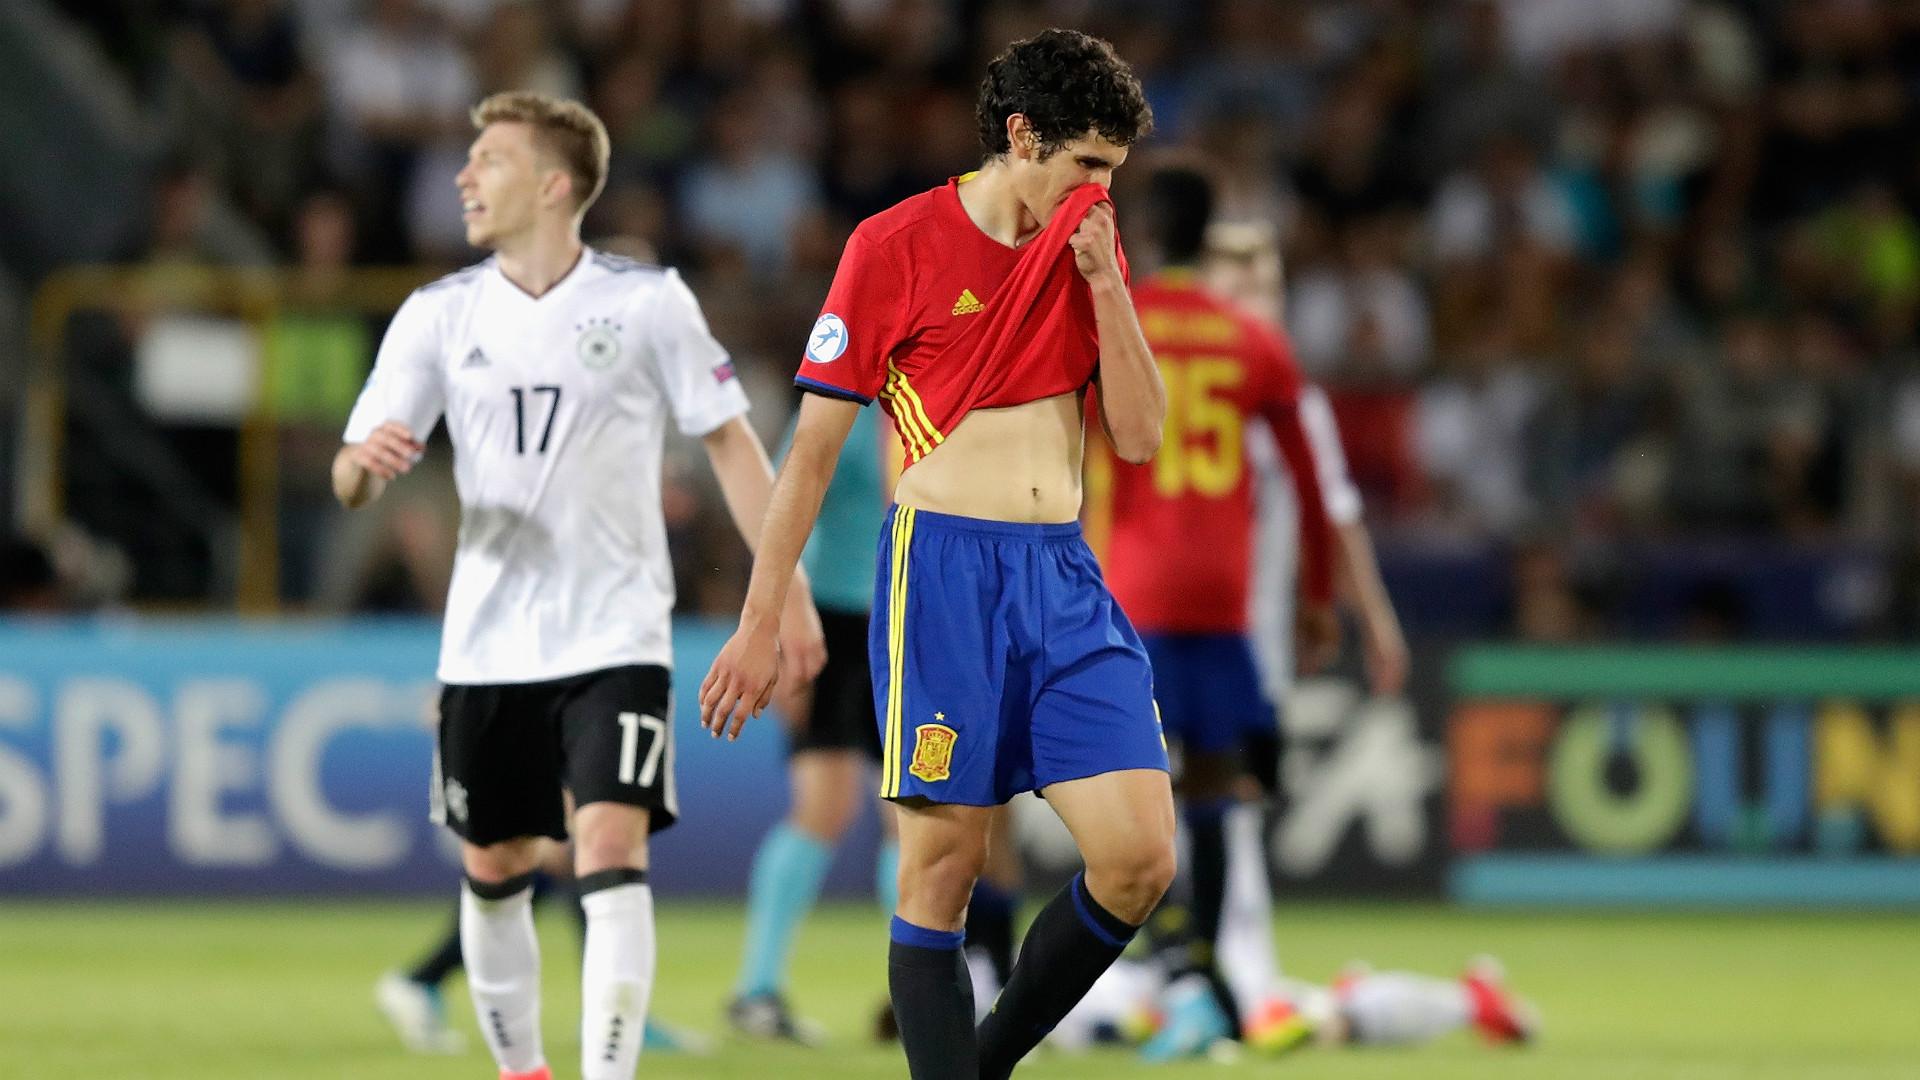 Đội hình hay nhất VCK U21 châu Âu: 'Anh hùng xuất thiếu niên' - Bóng Đá